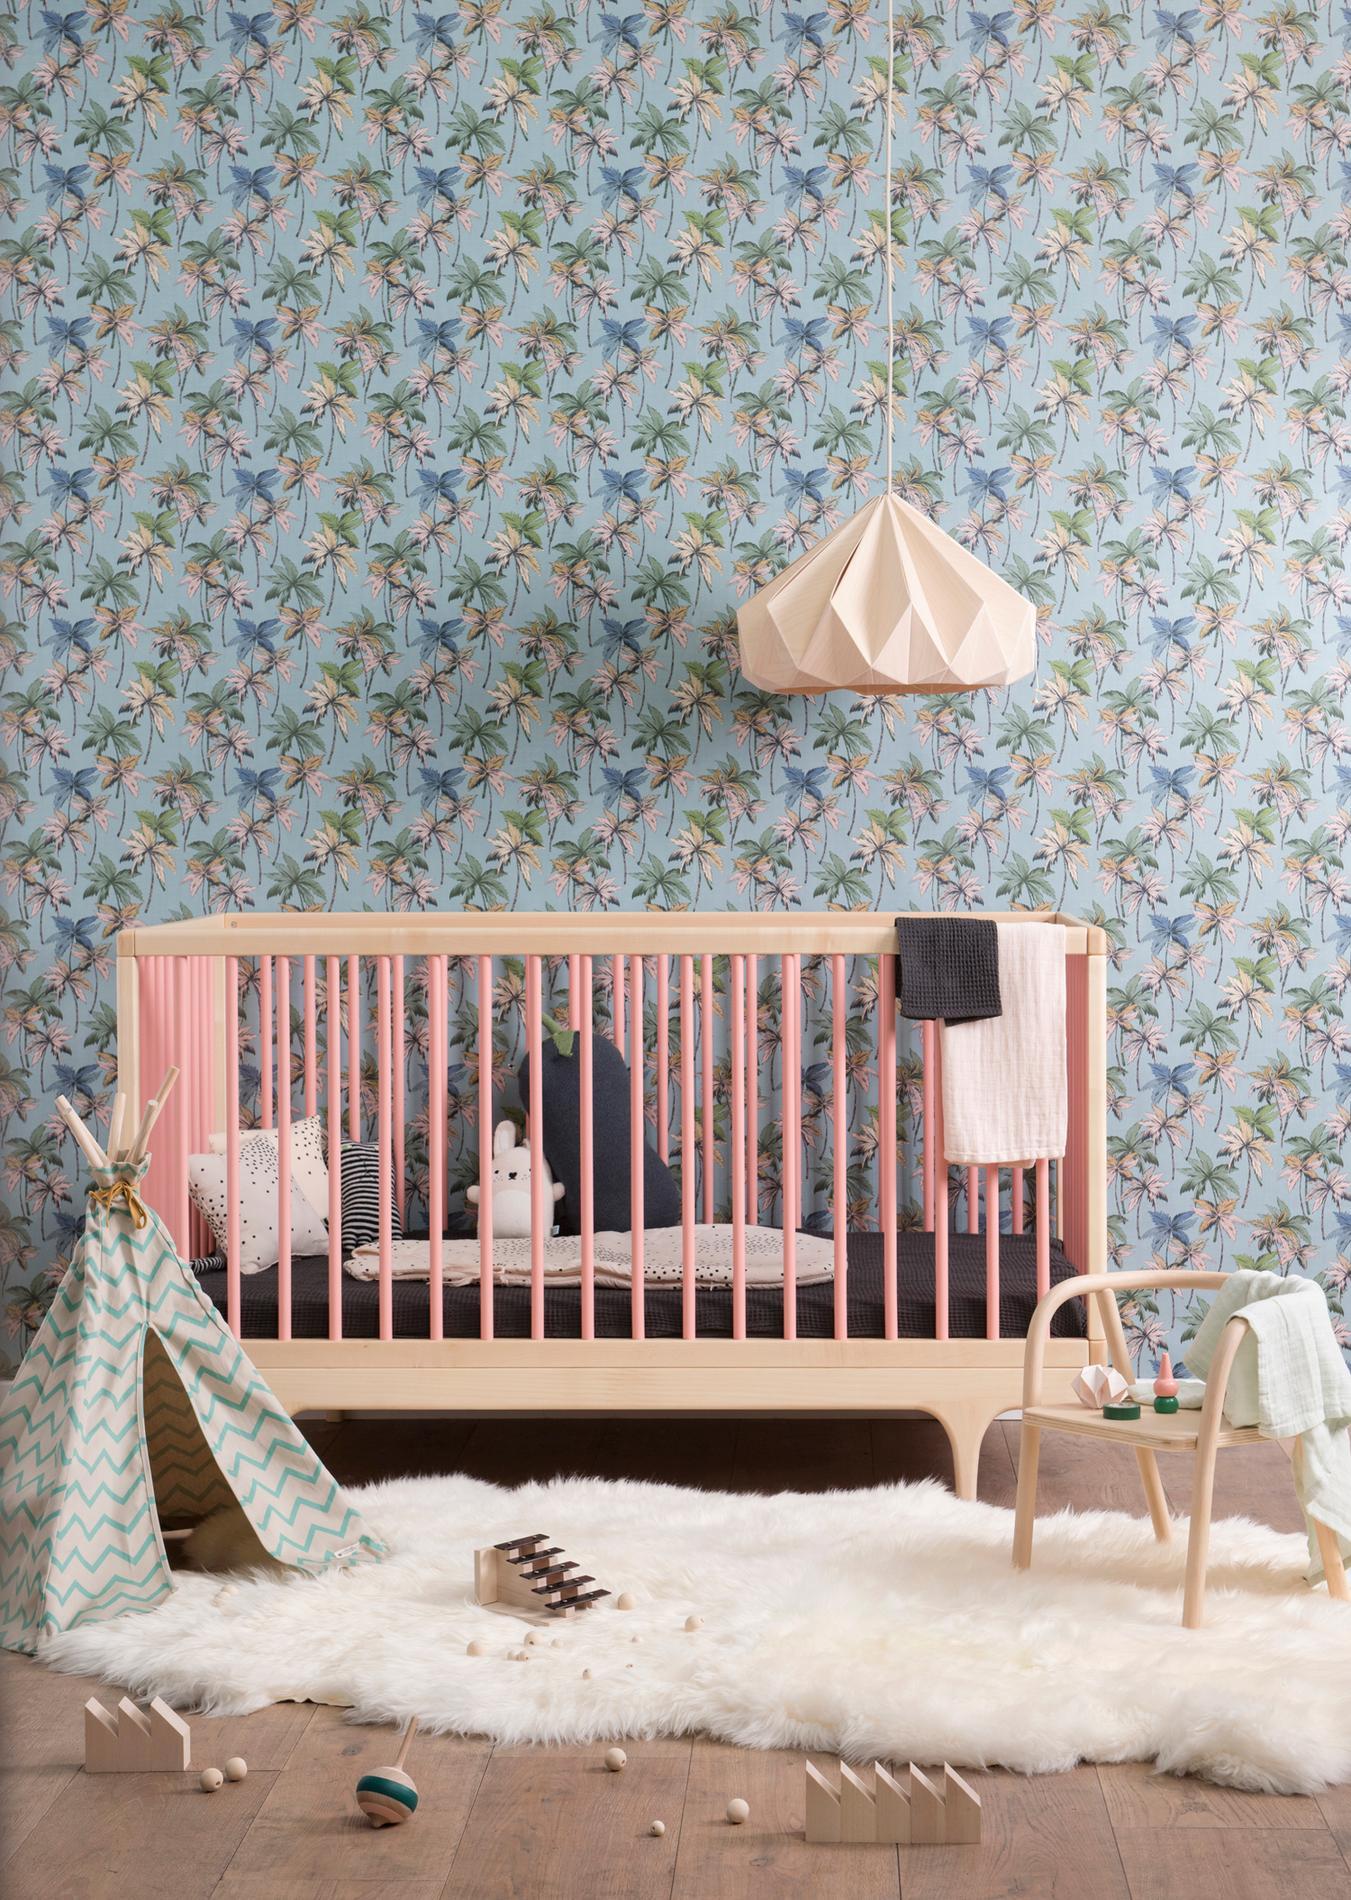 Diy Deco Les Bons Outils Pour Customiser Ses Meubles Ikea Madame